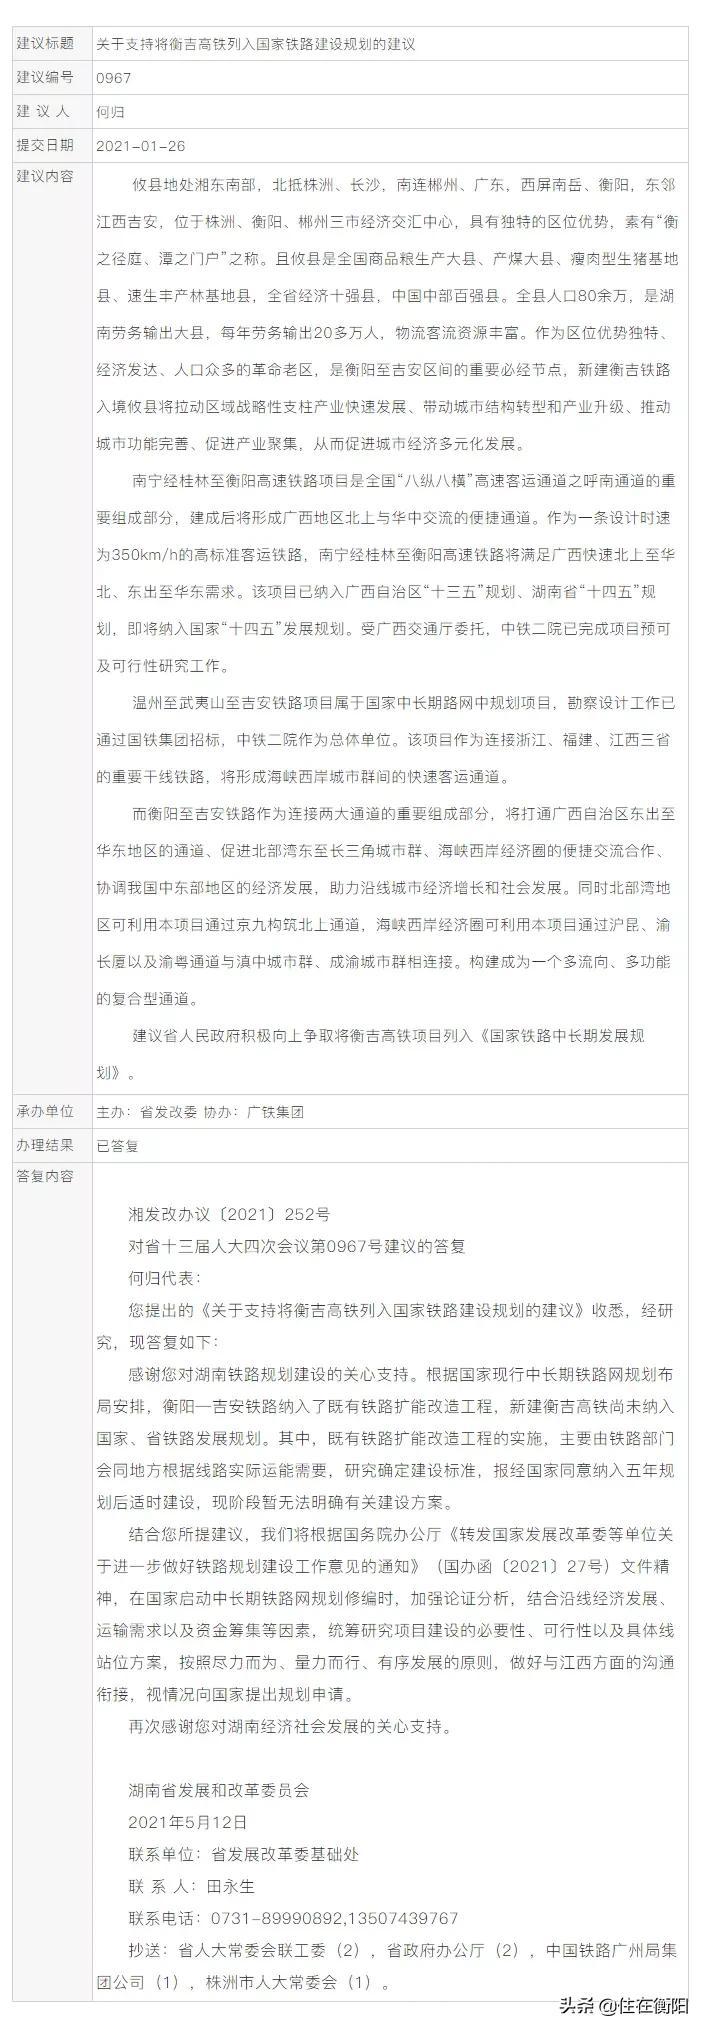 """关于""""衡吉高铁"""",省发改委最新回复来了"""